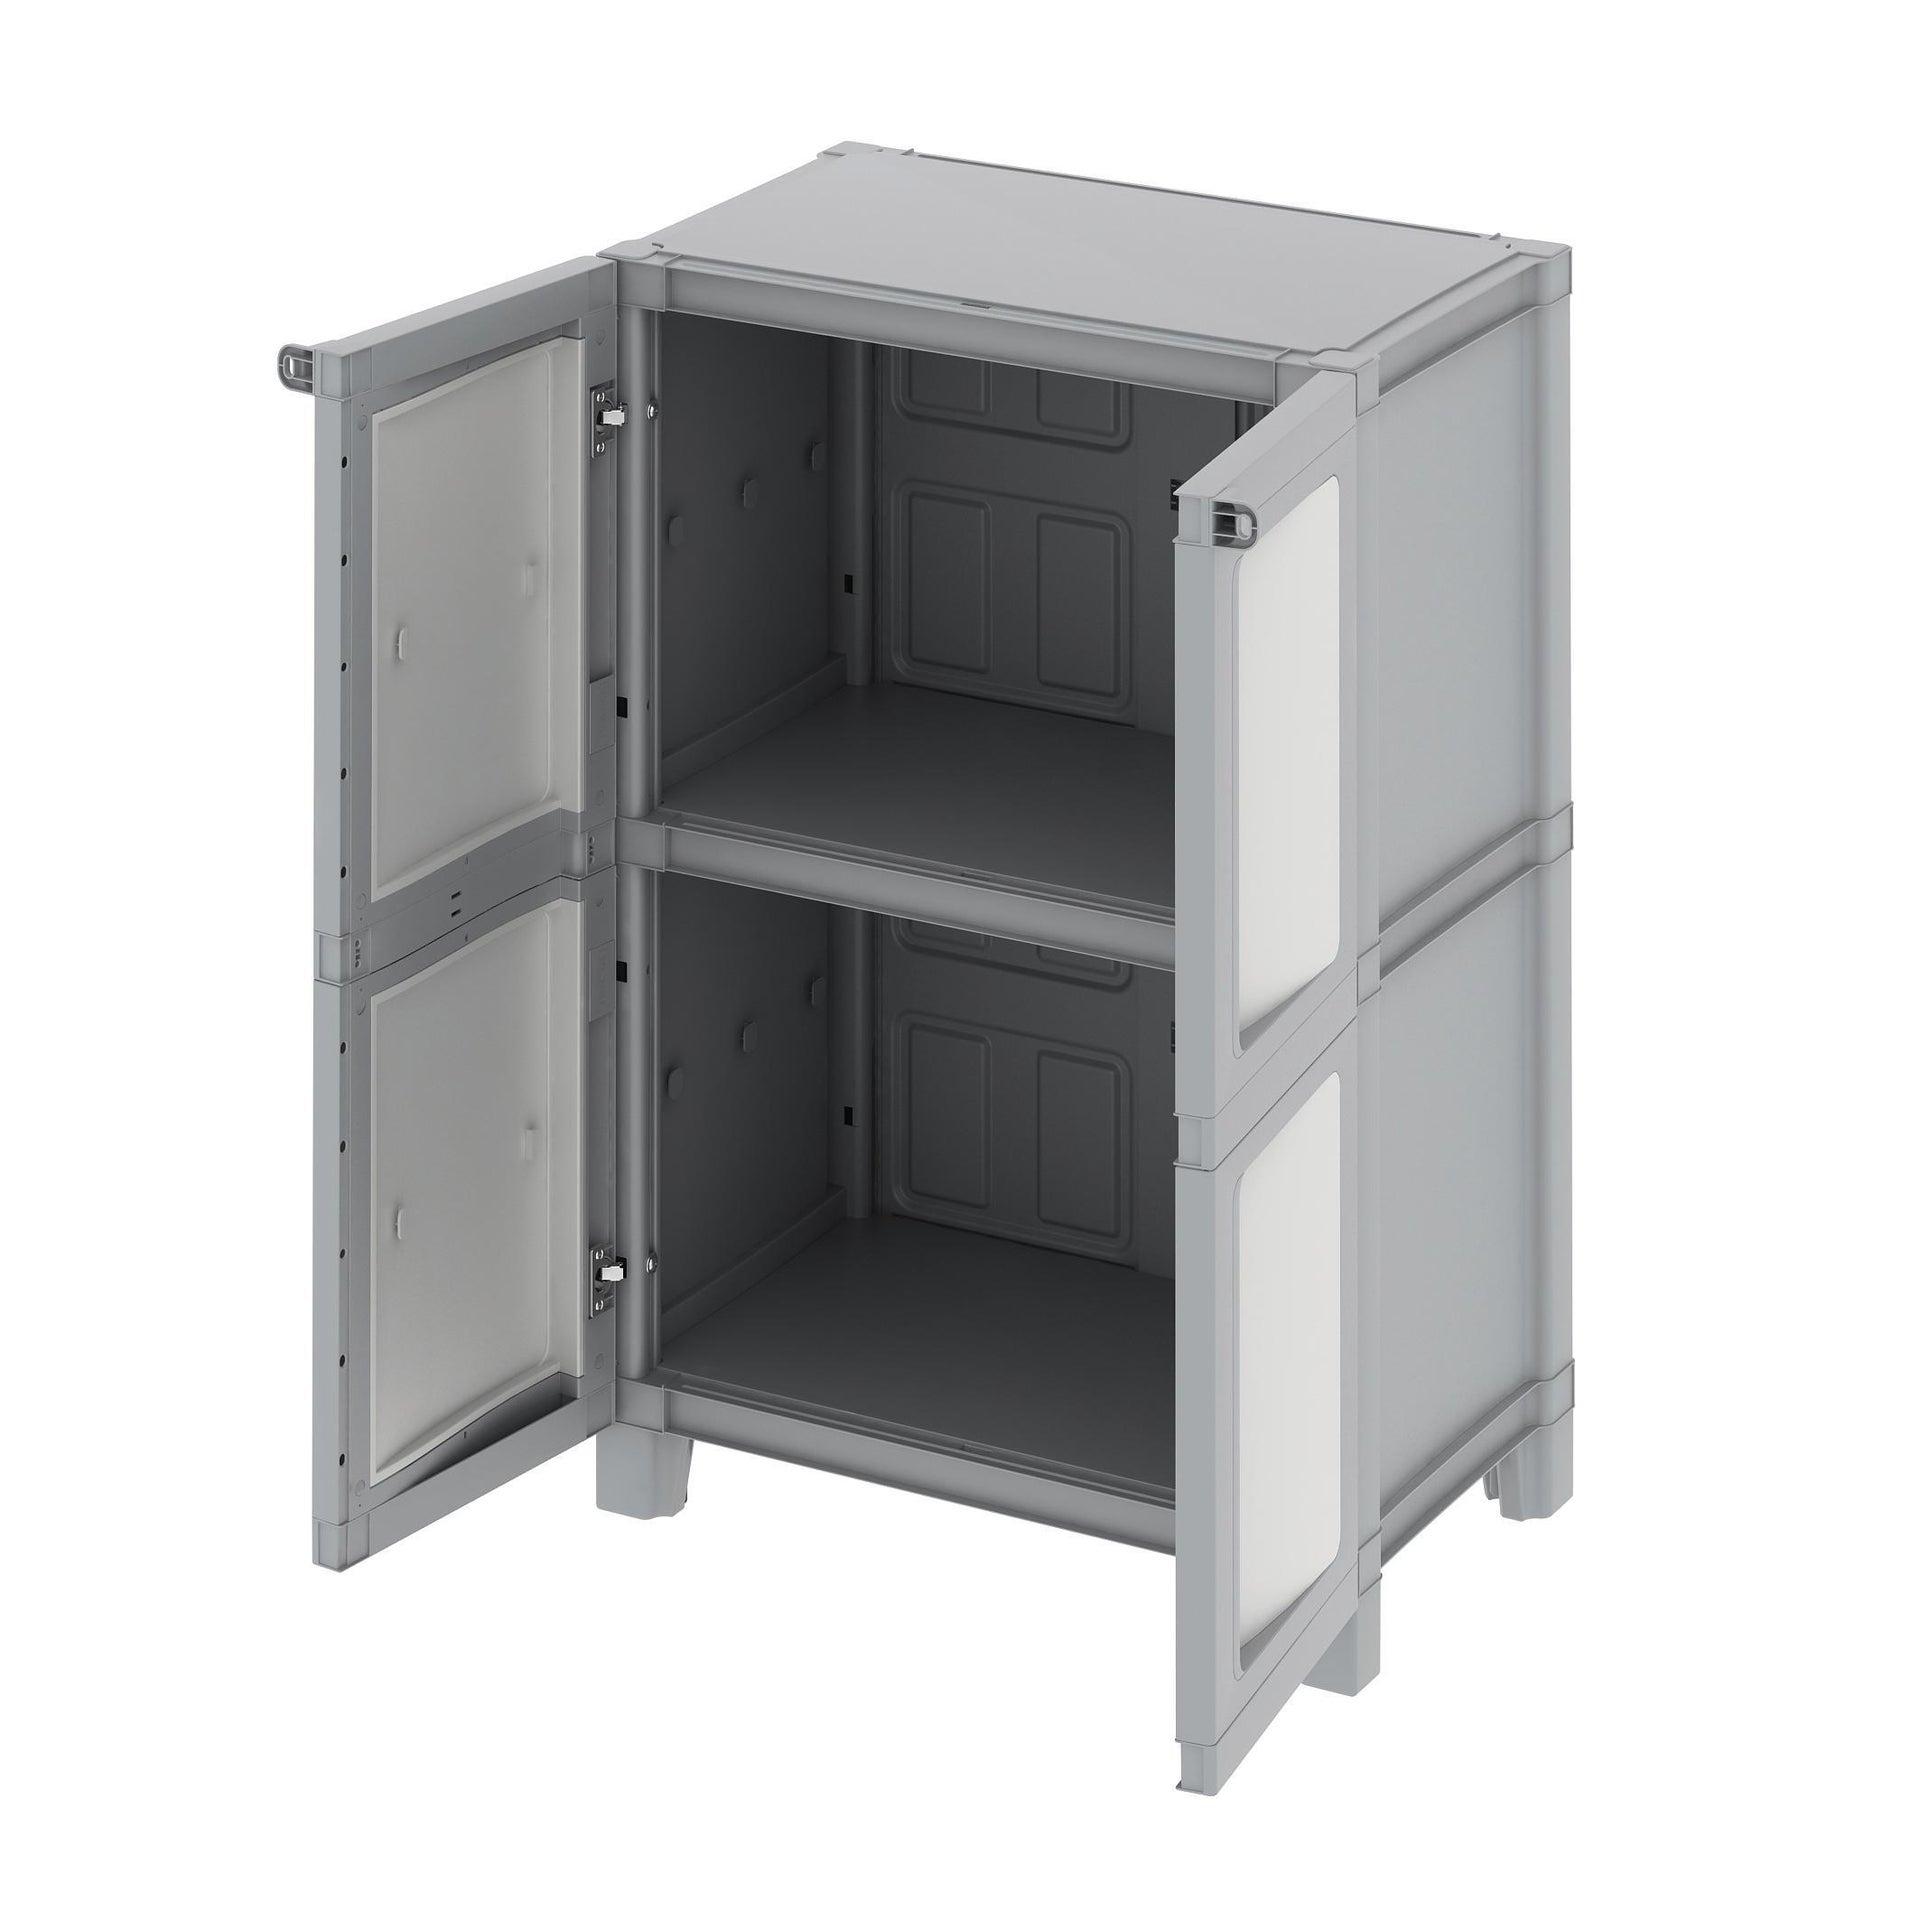 Armadio Modulize L 65 x P 40 x H 95 cm grigio - 6